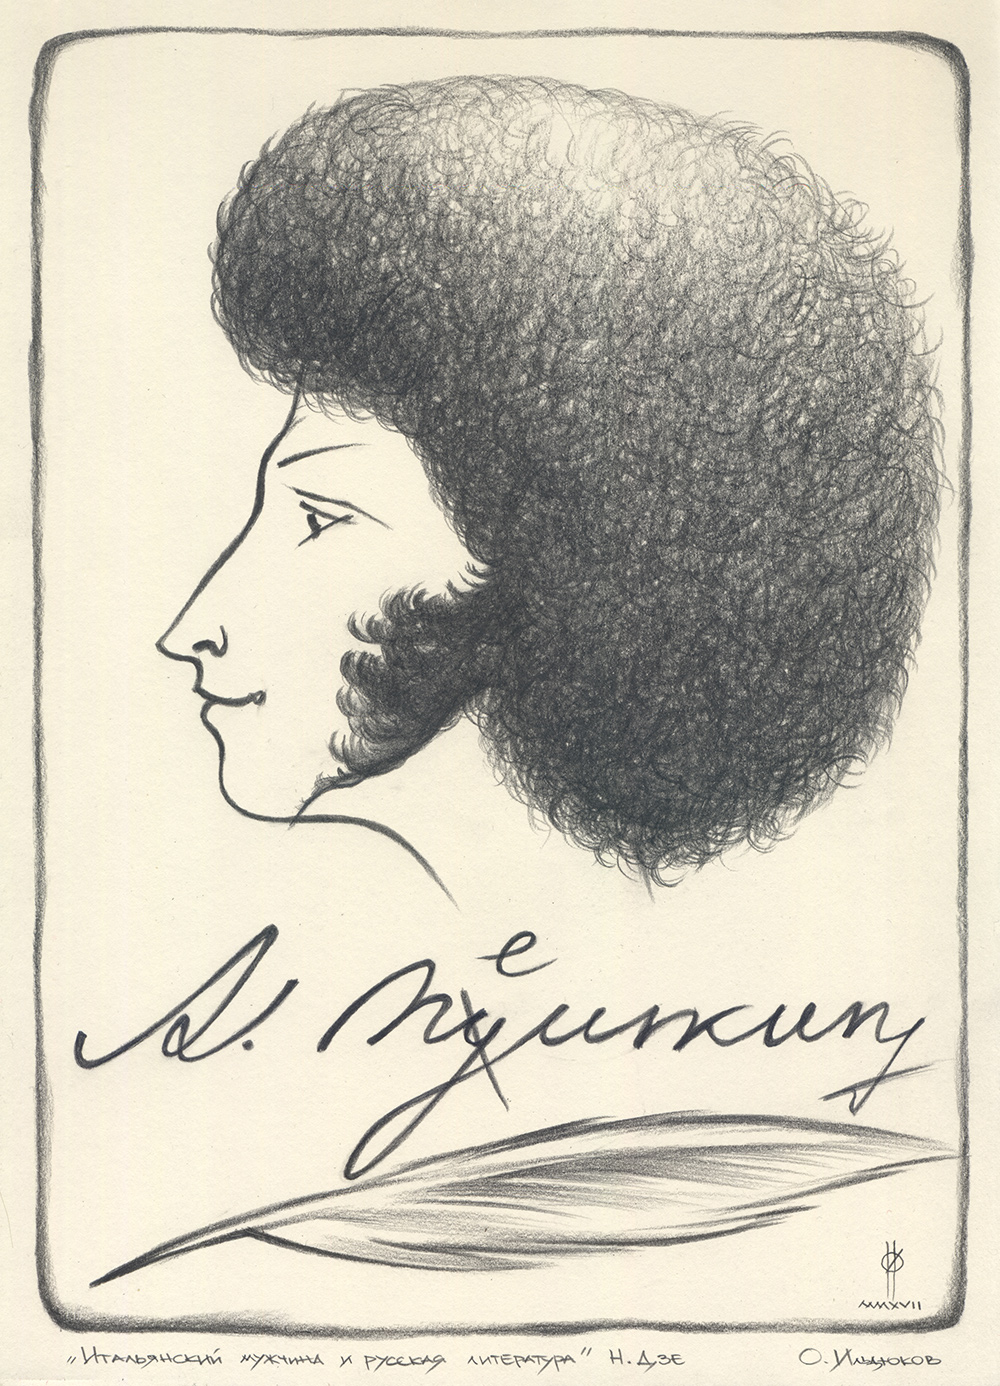 Иллюстрация Олега Ильдюкова